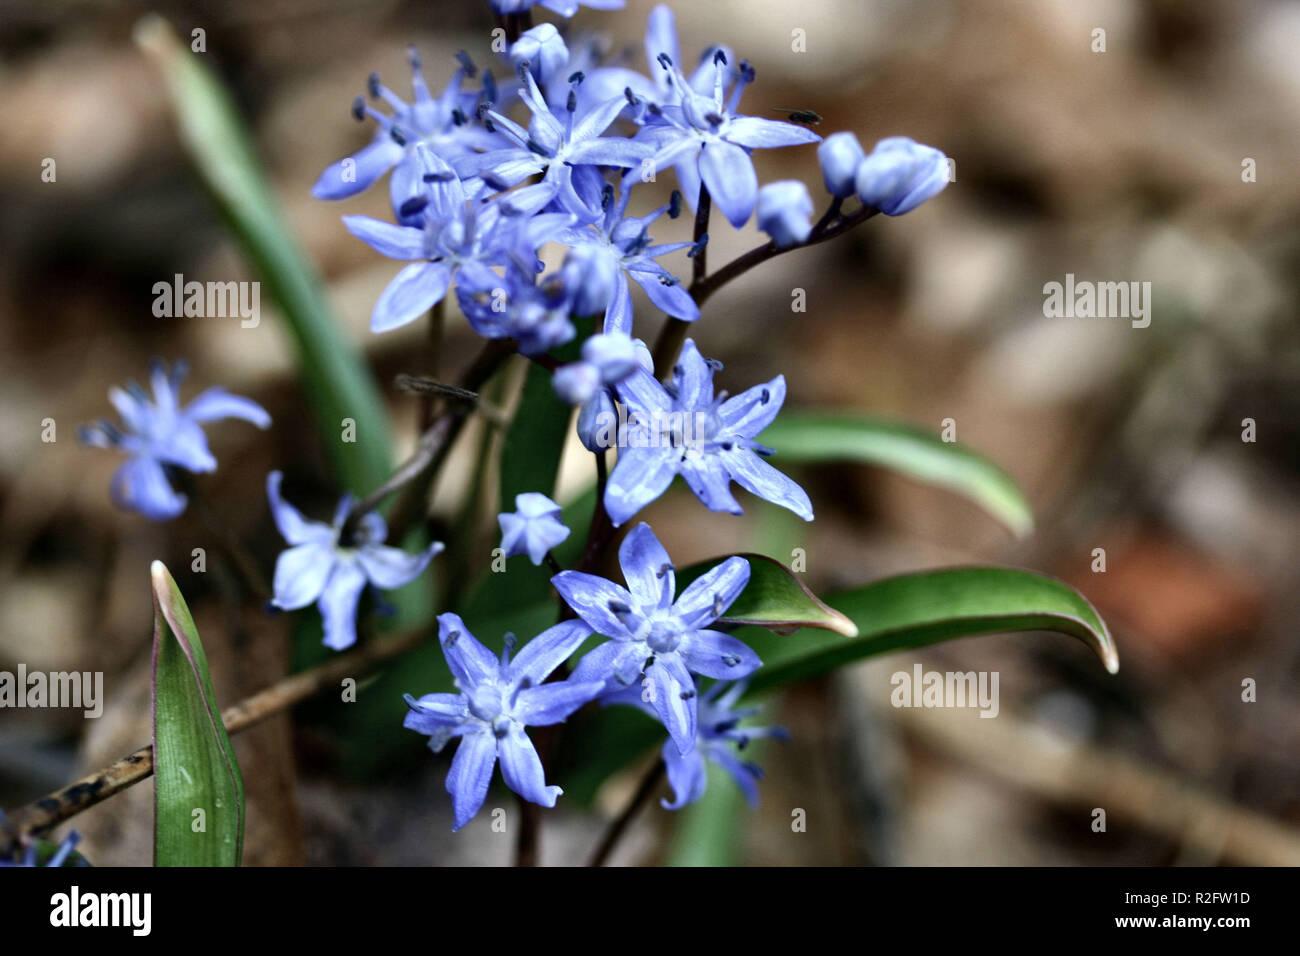 heilpflanze blaustern